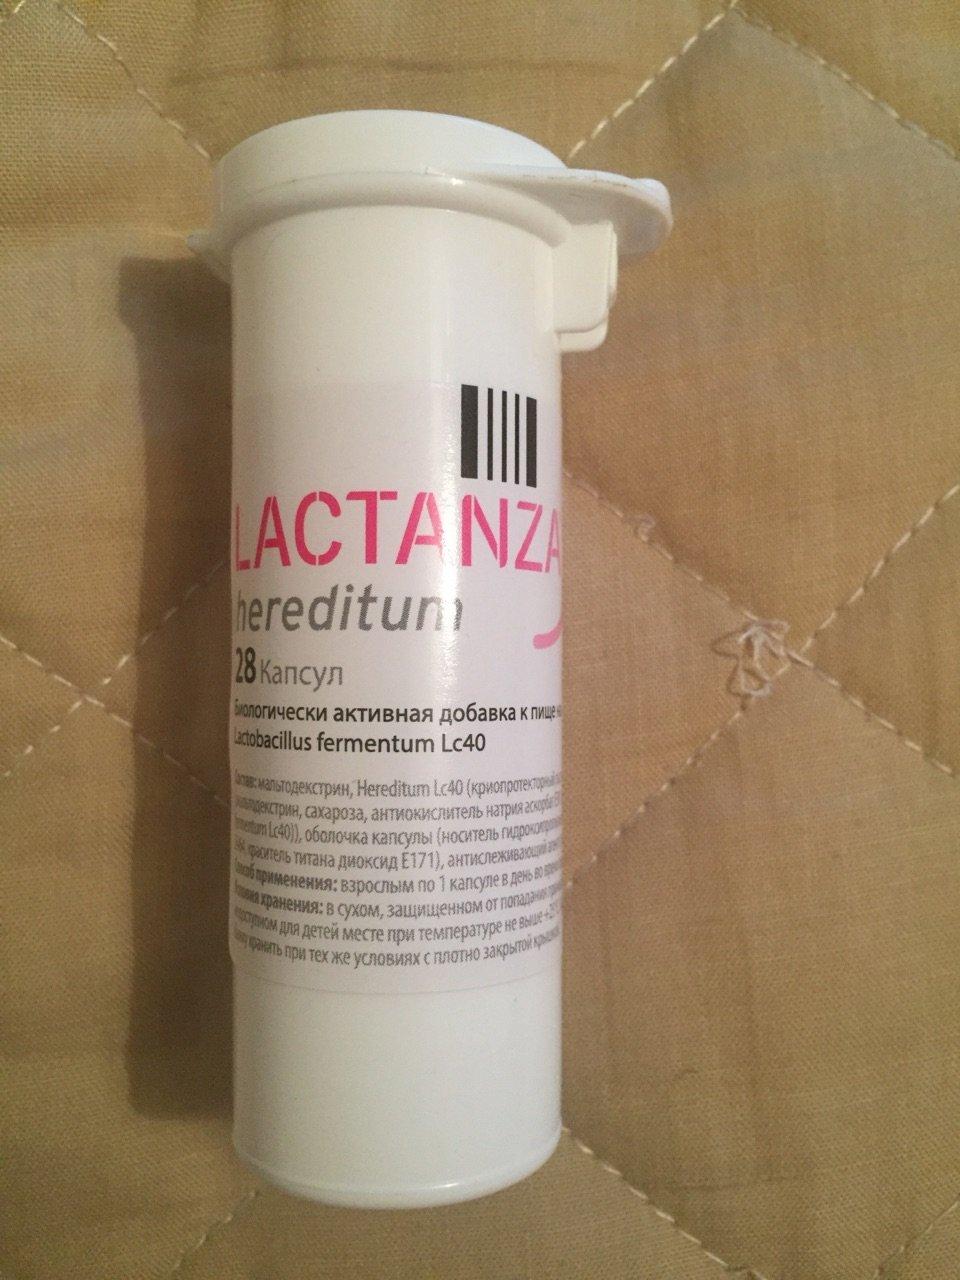 Лактанза - Эффективный препарат при лактостазе